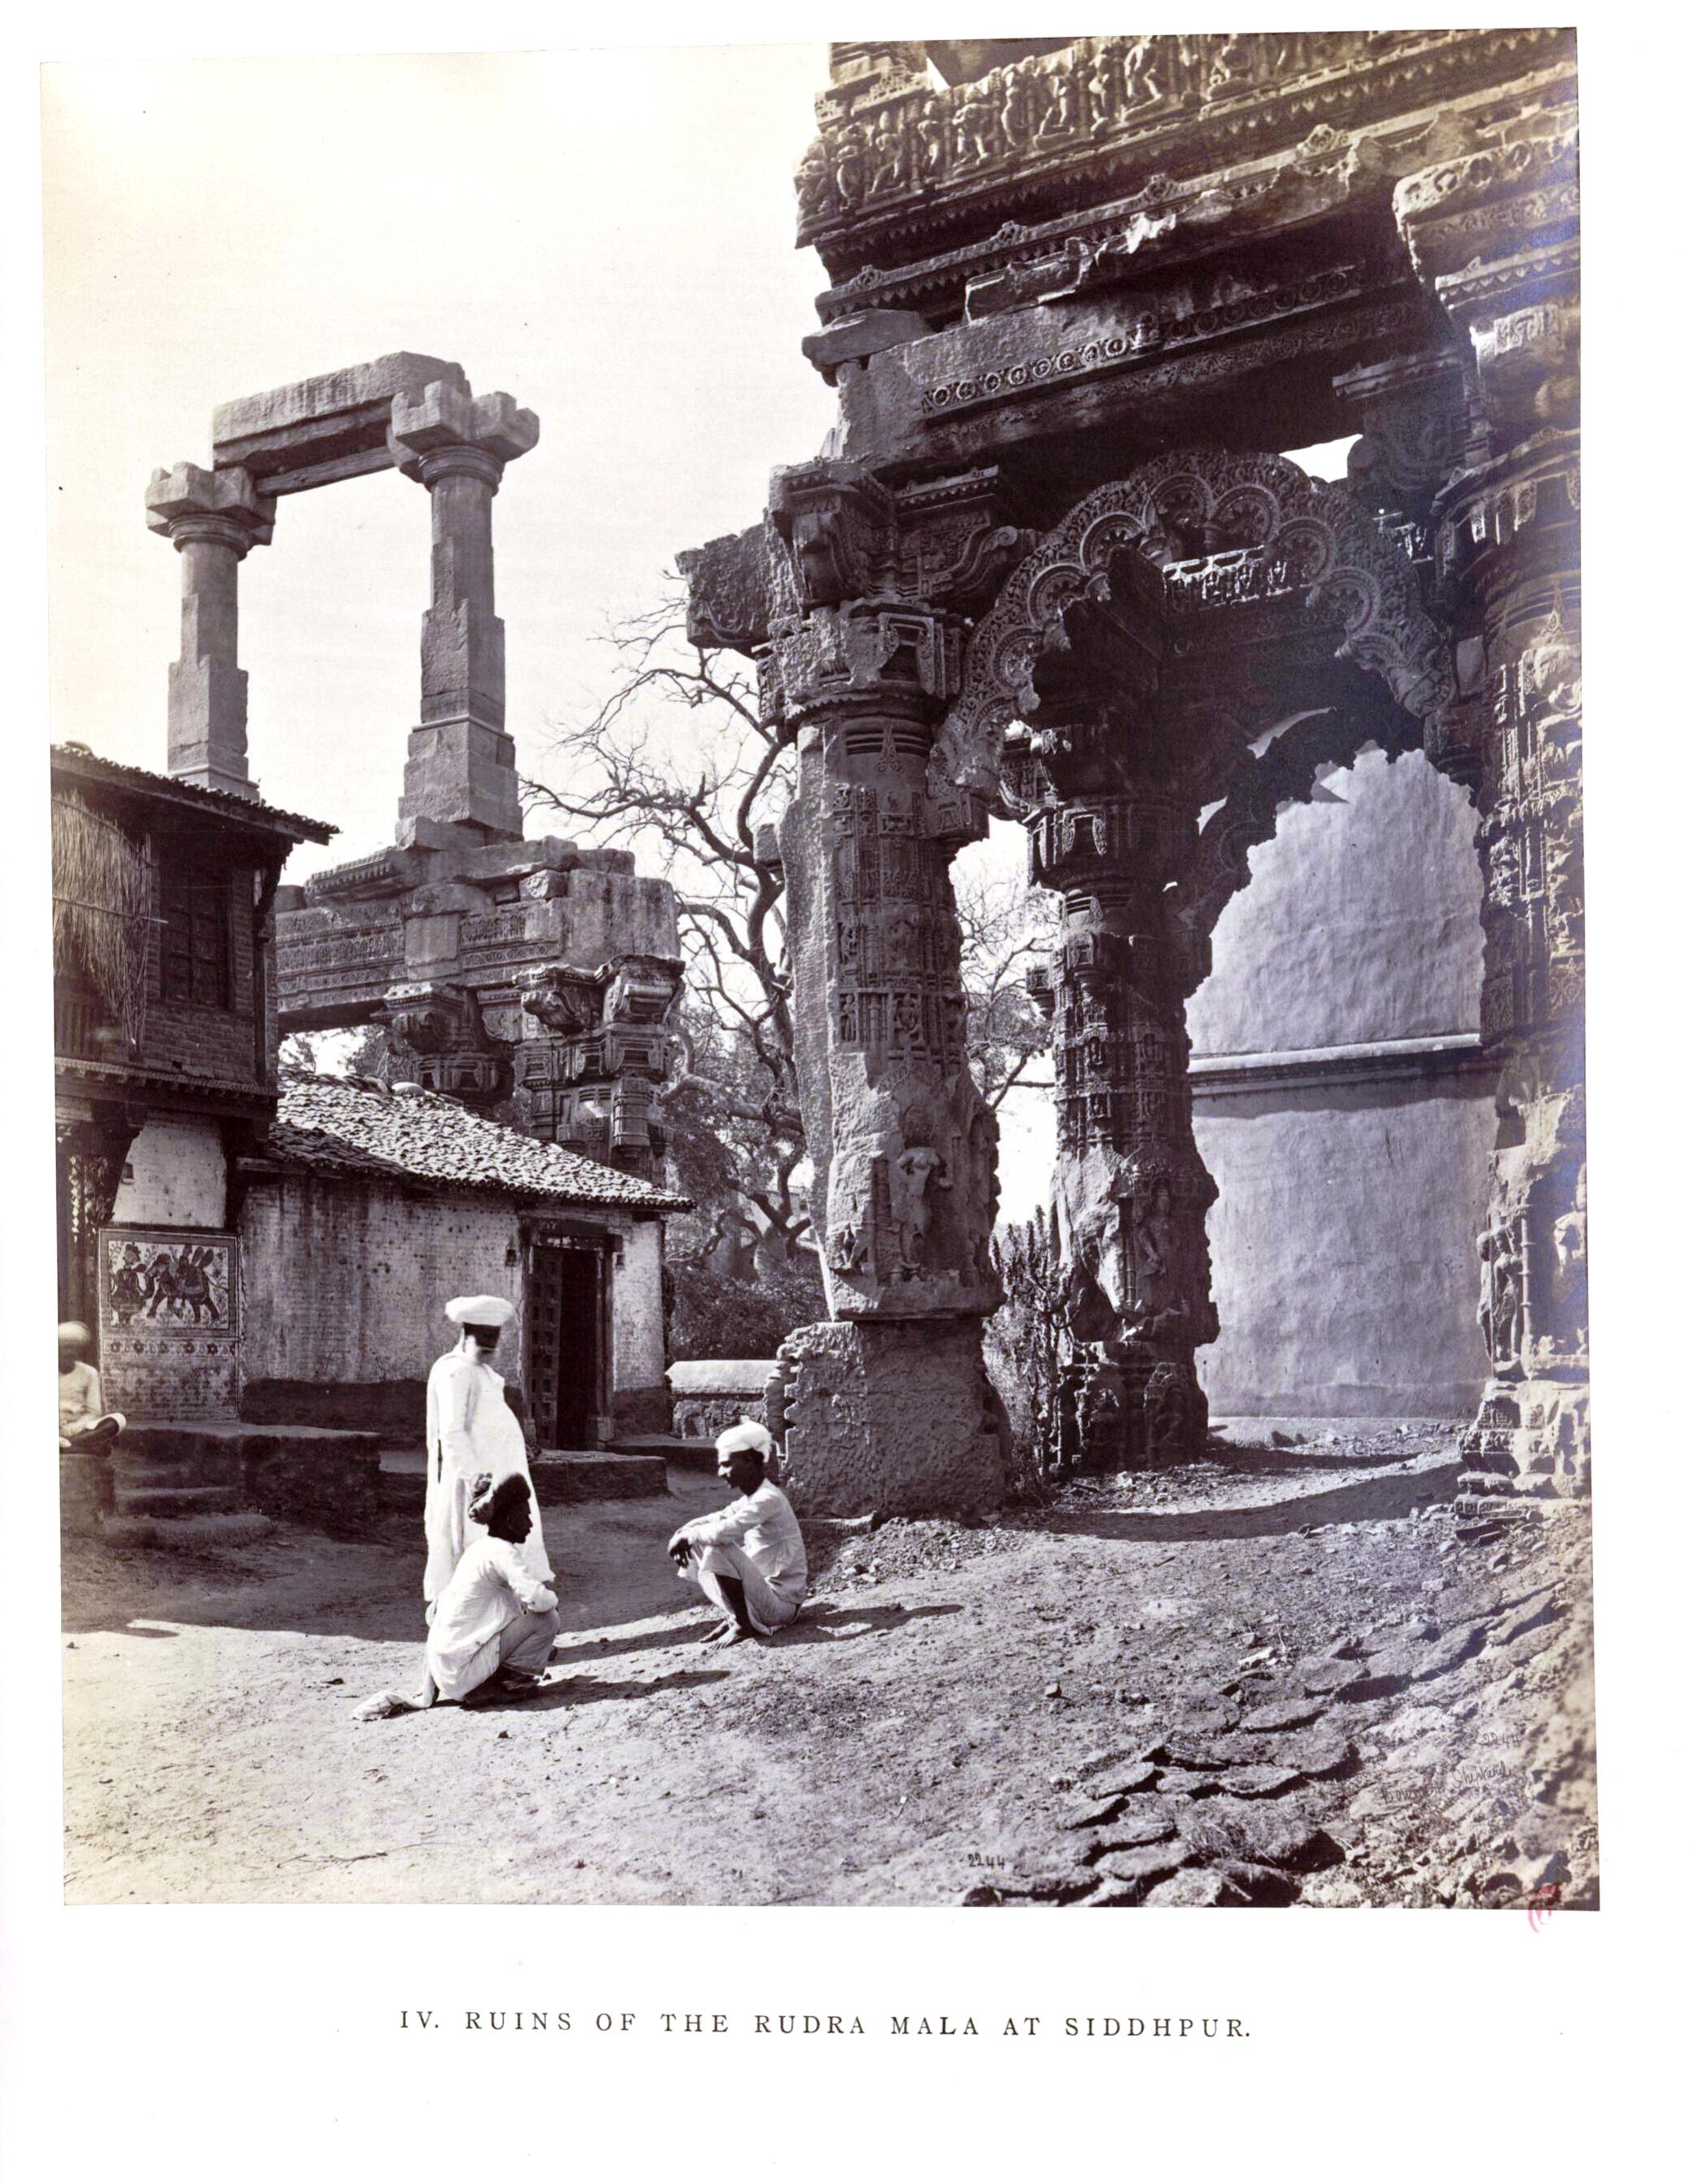 Сидхпур. Развалины ворот храма Рудра-Мала